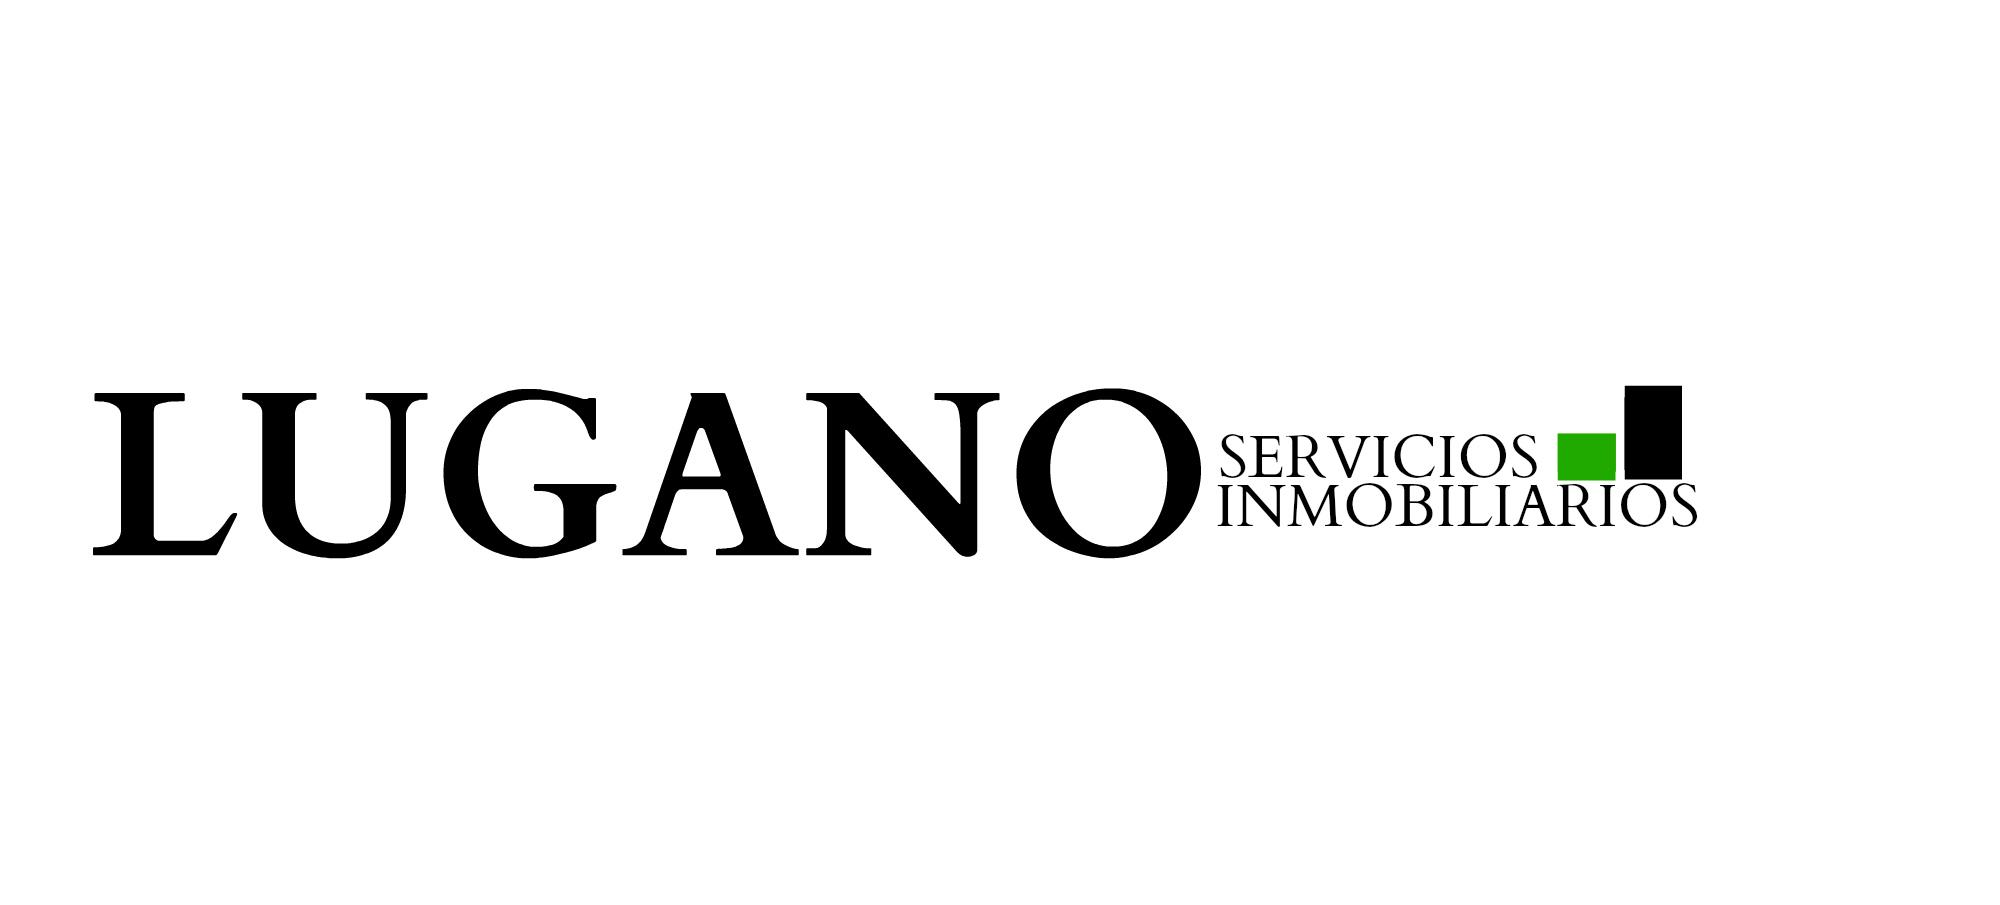 Lugano Inversiones Inmobiliarias